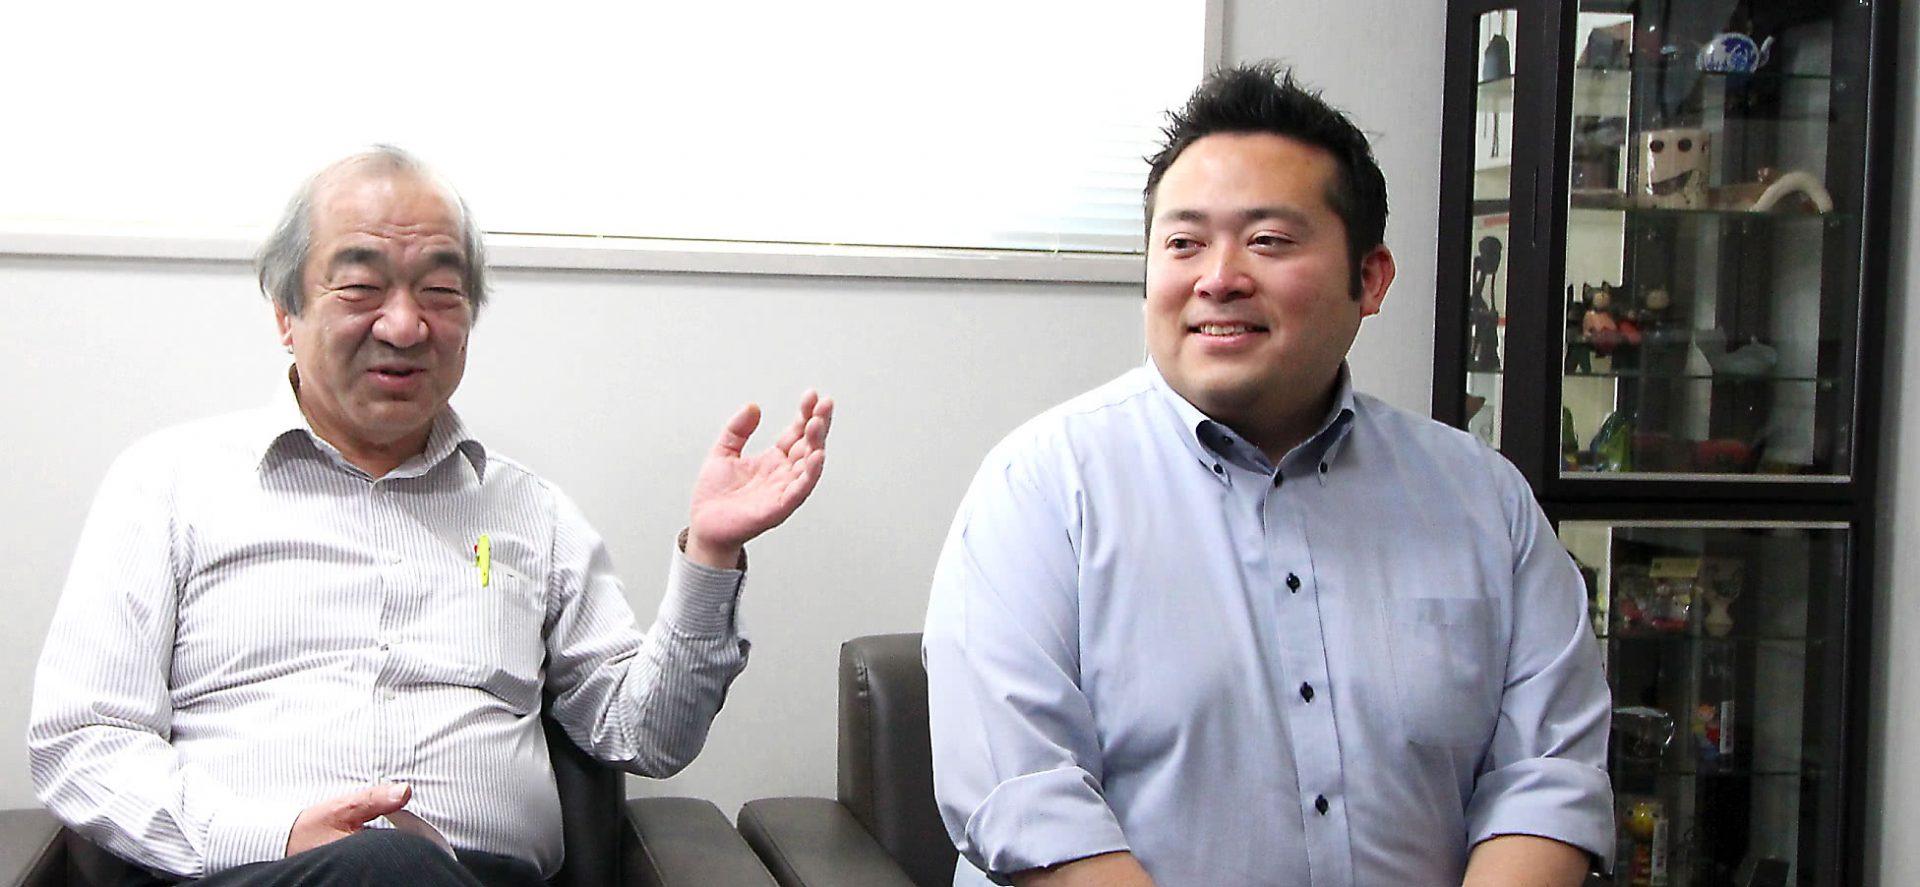 ユニタス外語学院 様 インタビュー